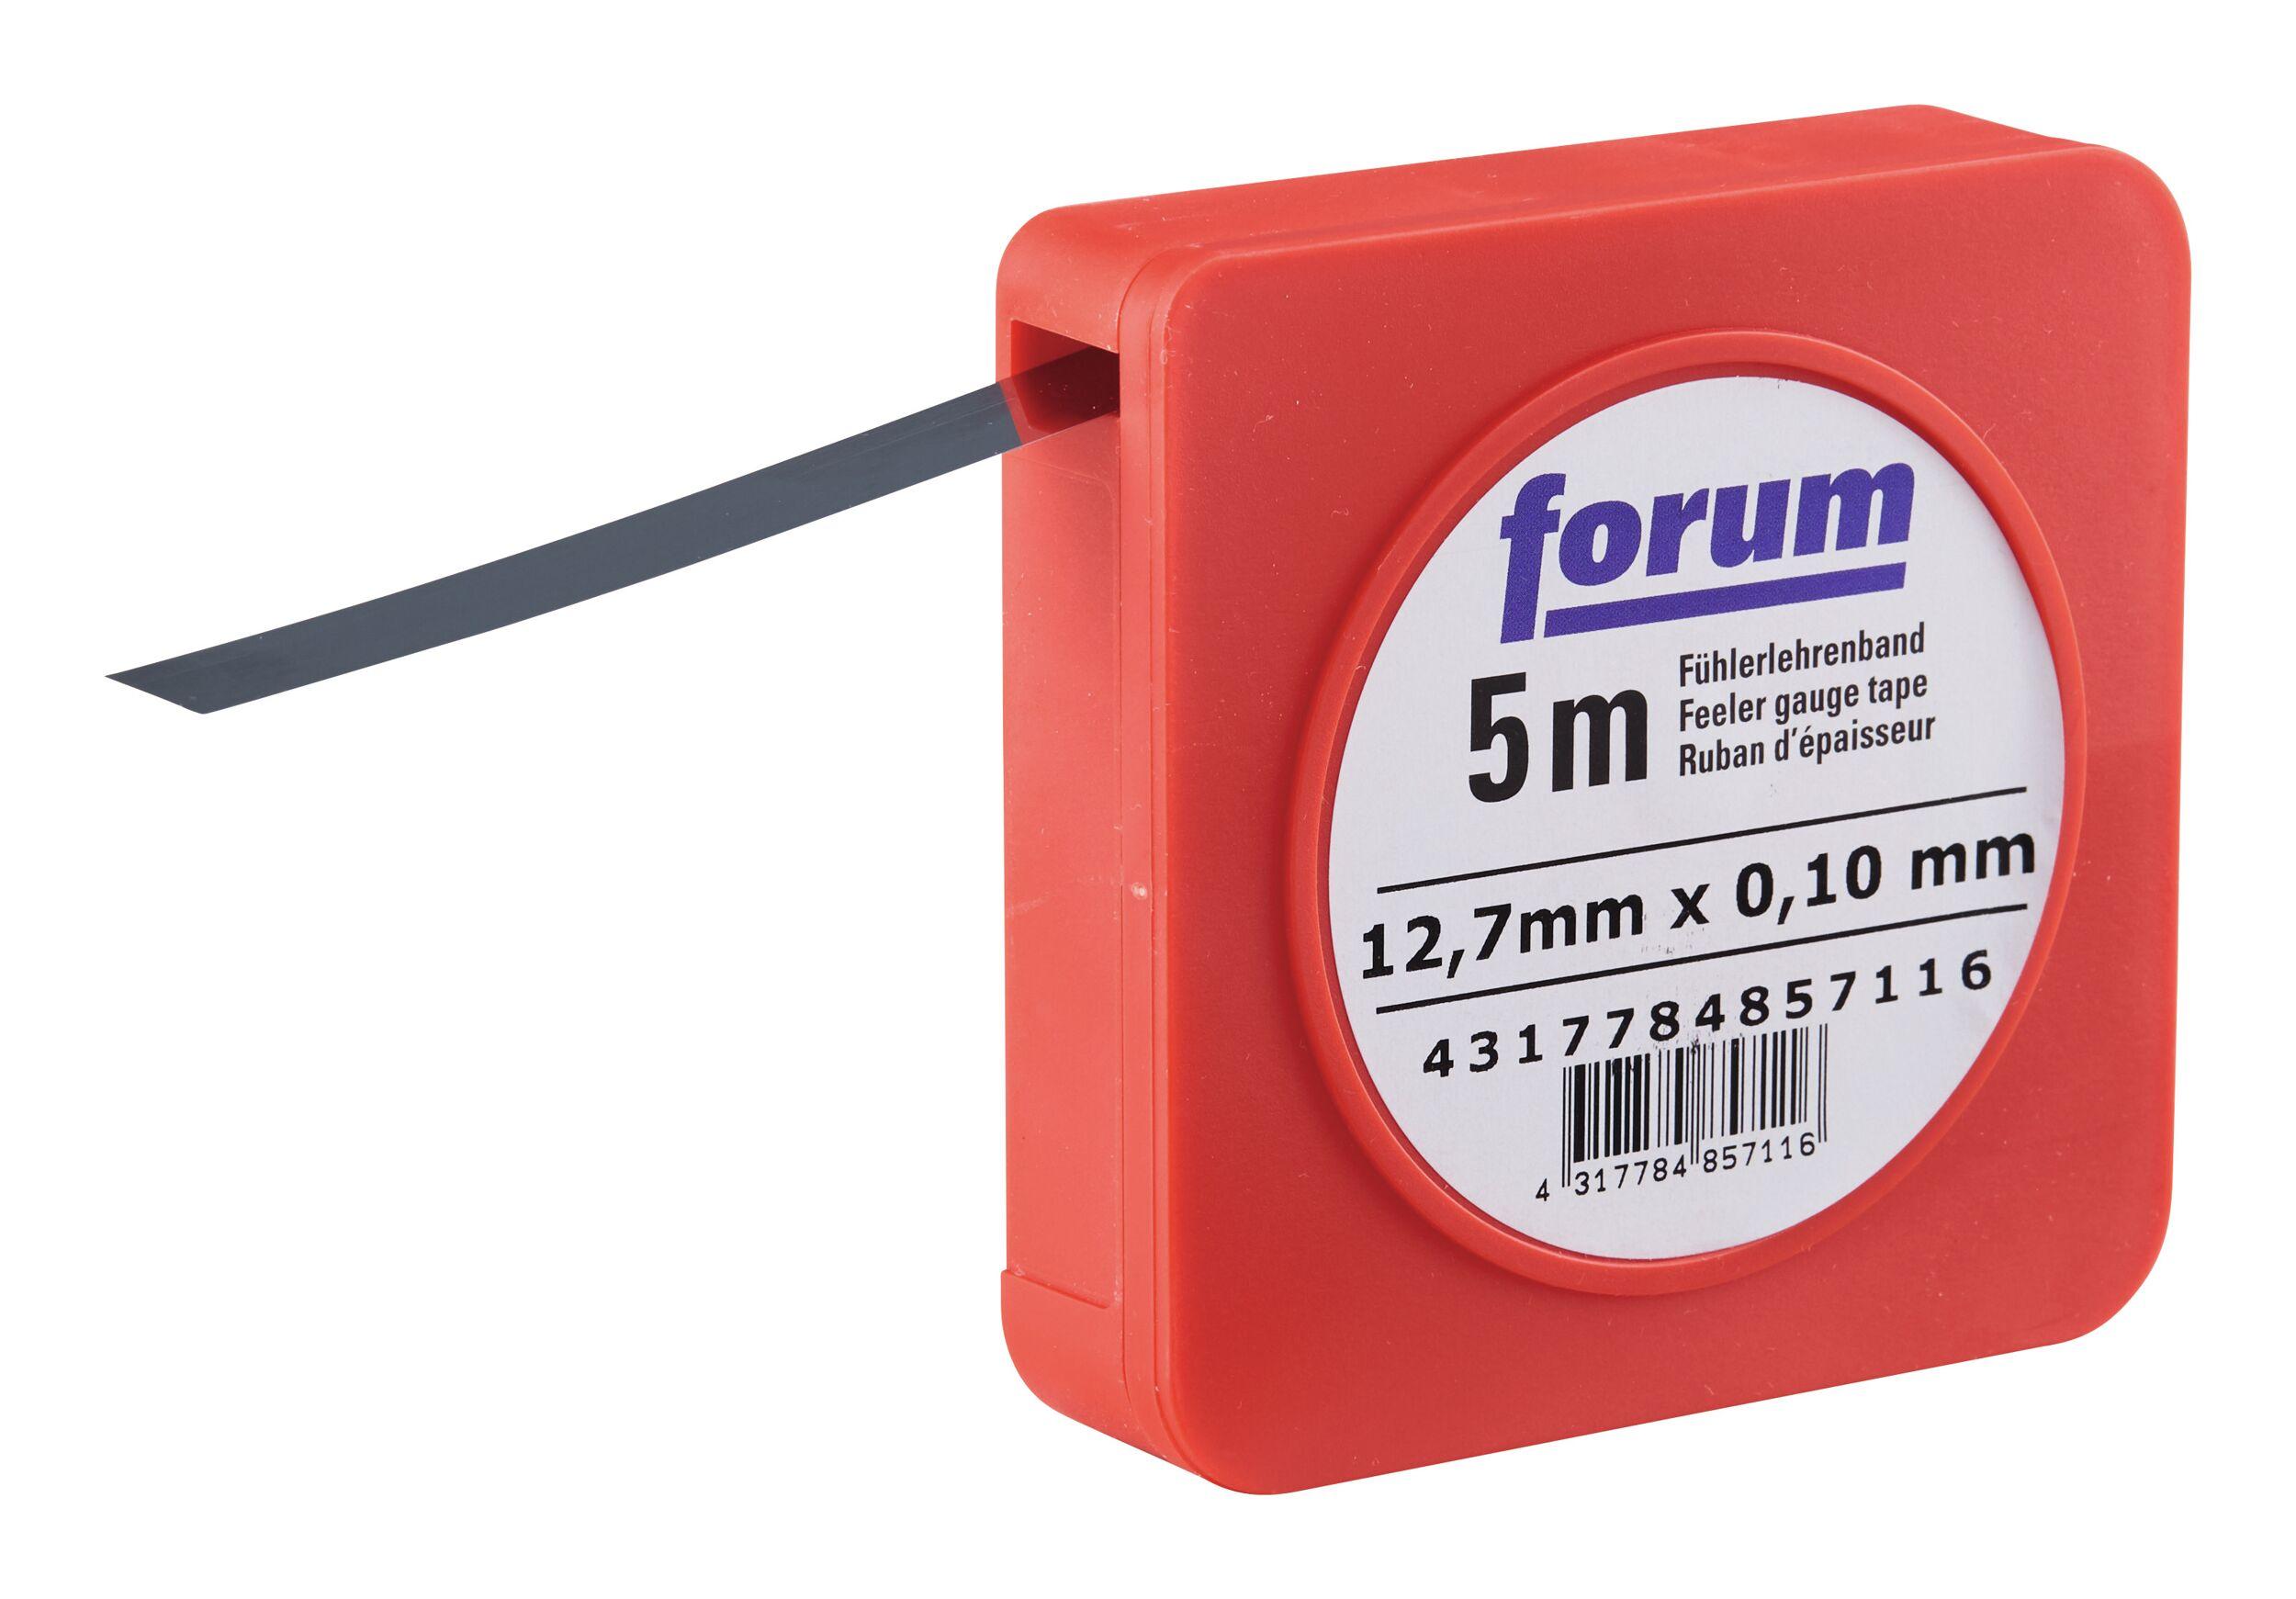 Forum Fühlerlehrenband 0,06 mm